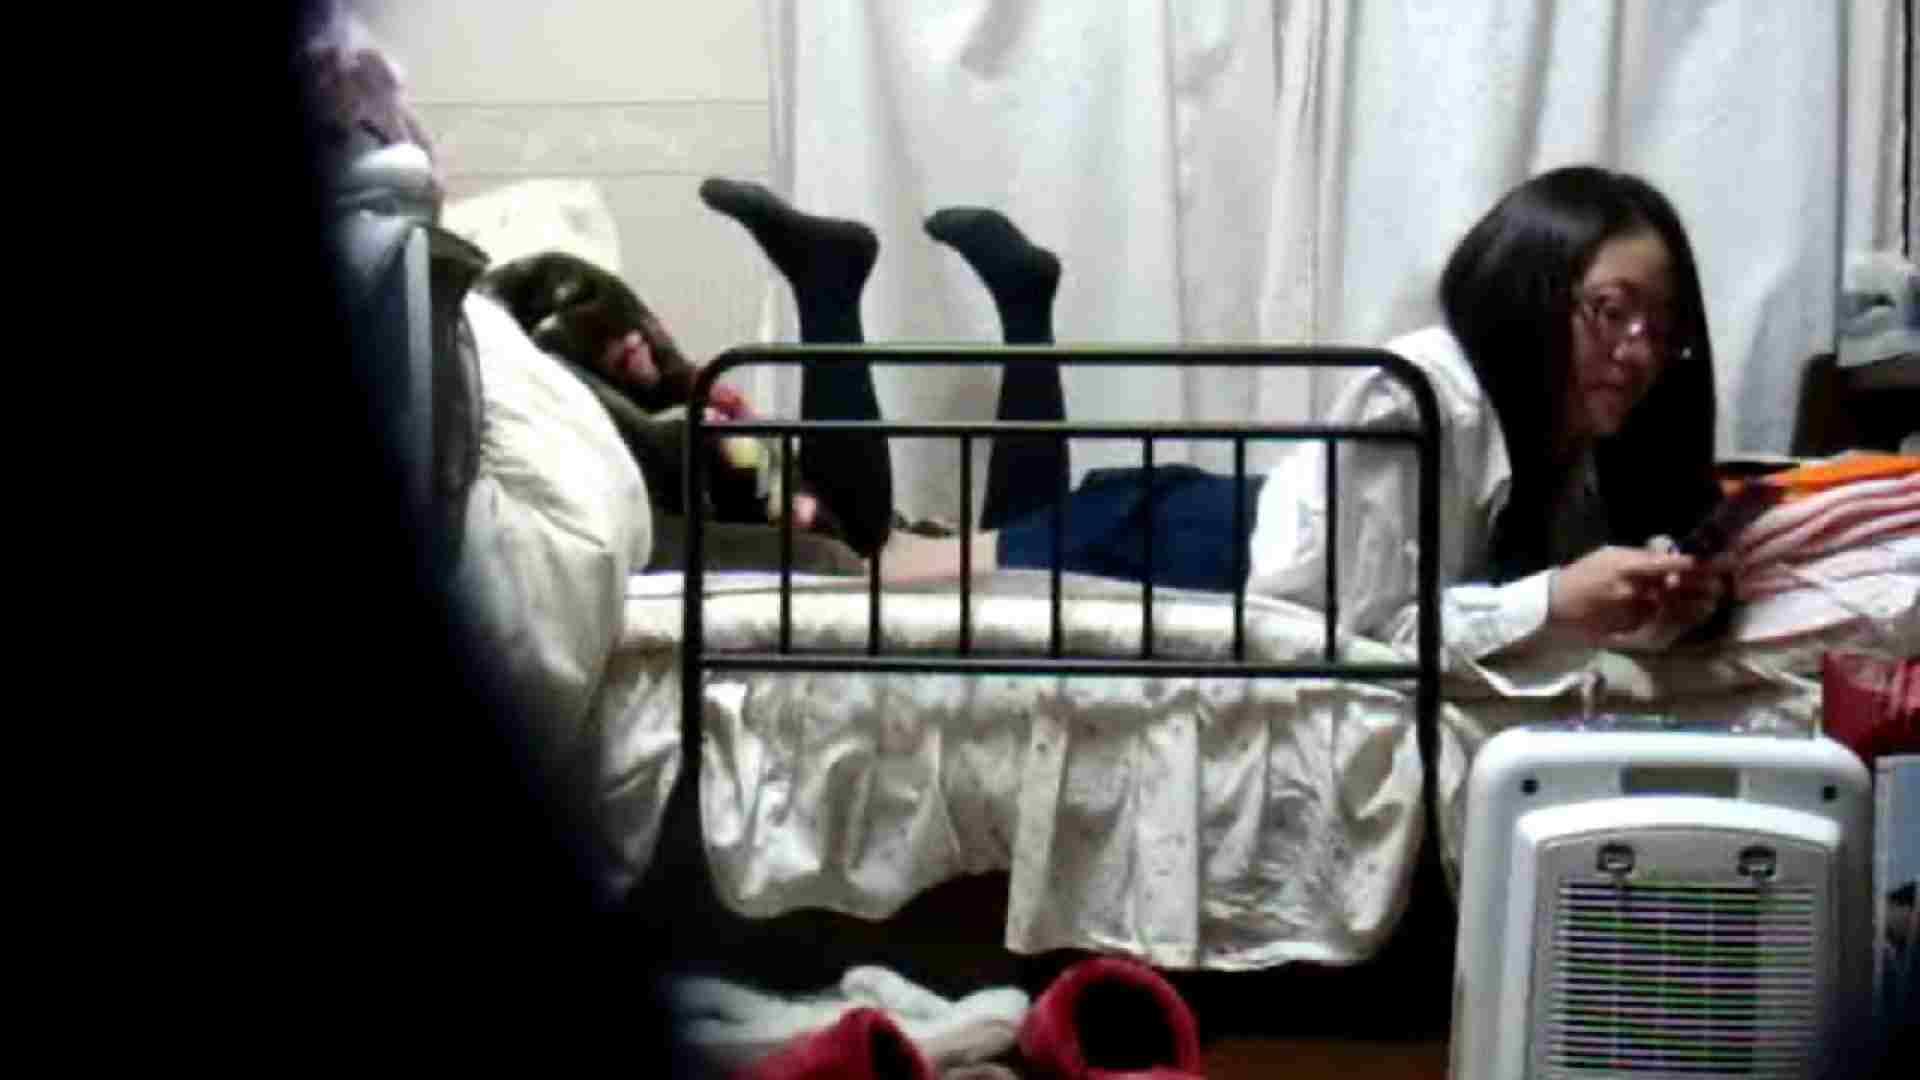 無料アダルト動画:vol.4 まどかの帰宅後の部屋、ベッドで何かが始まります。:怪盗ジョーカー